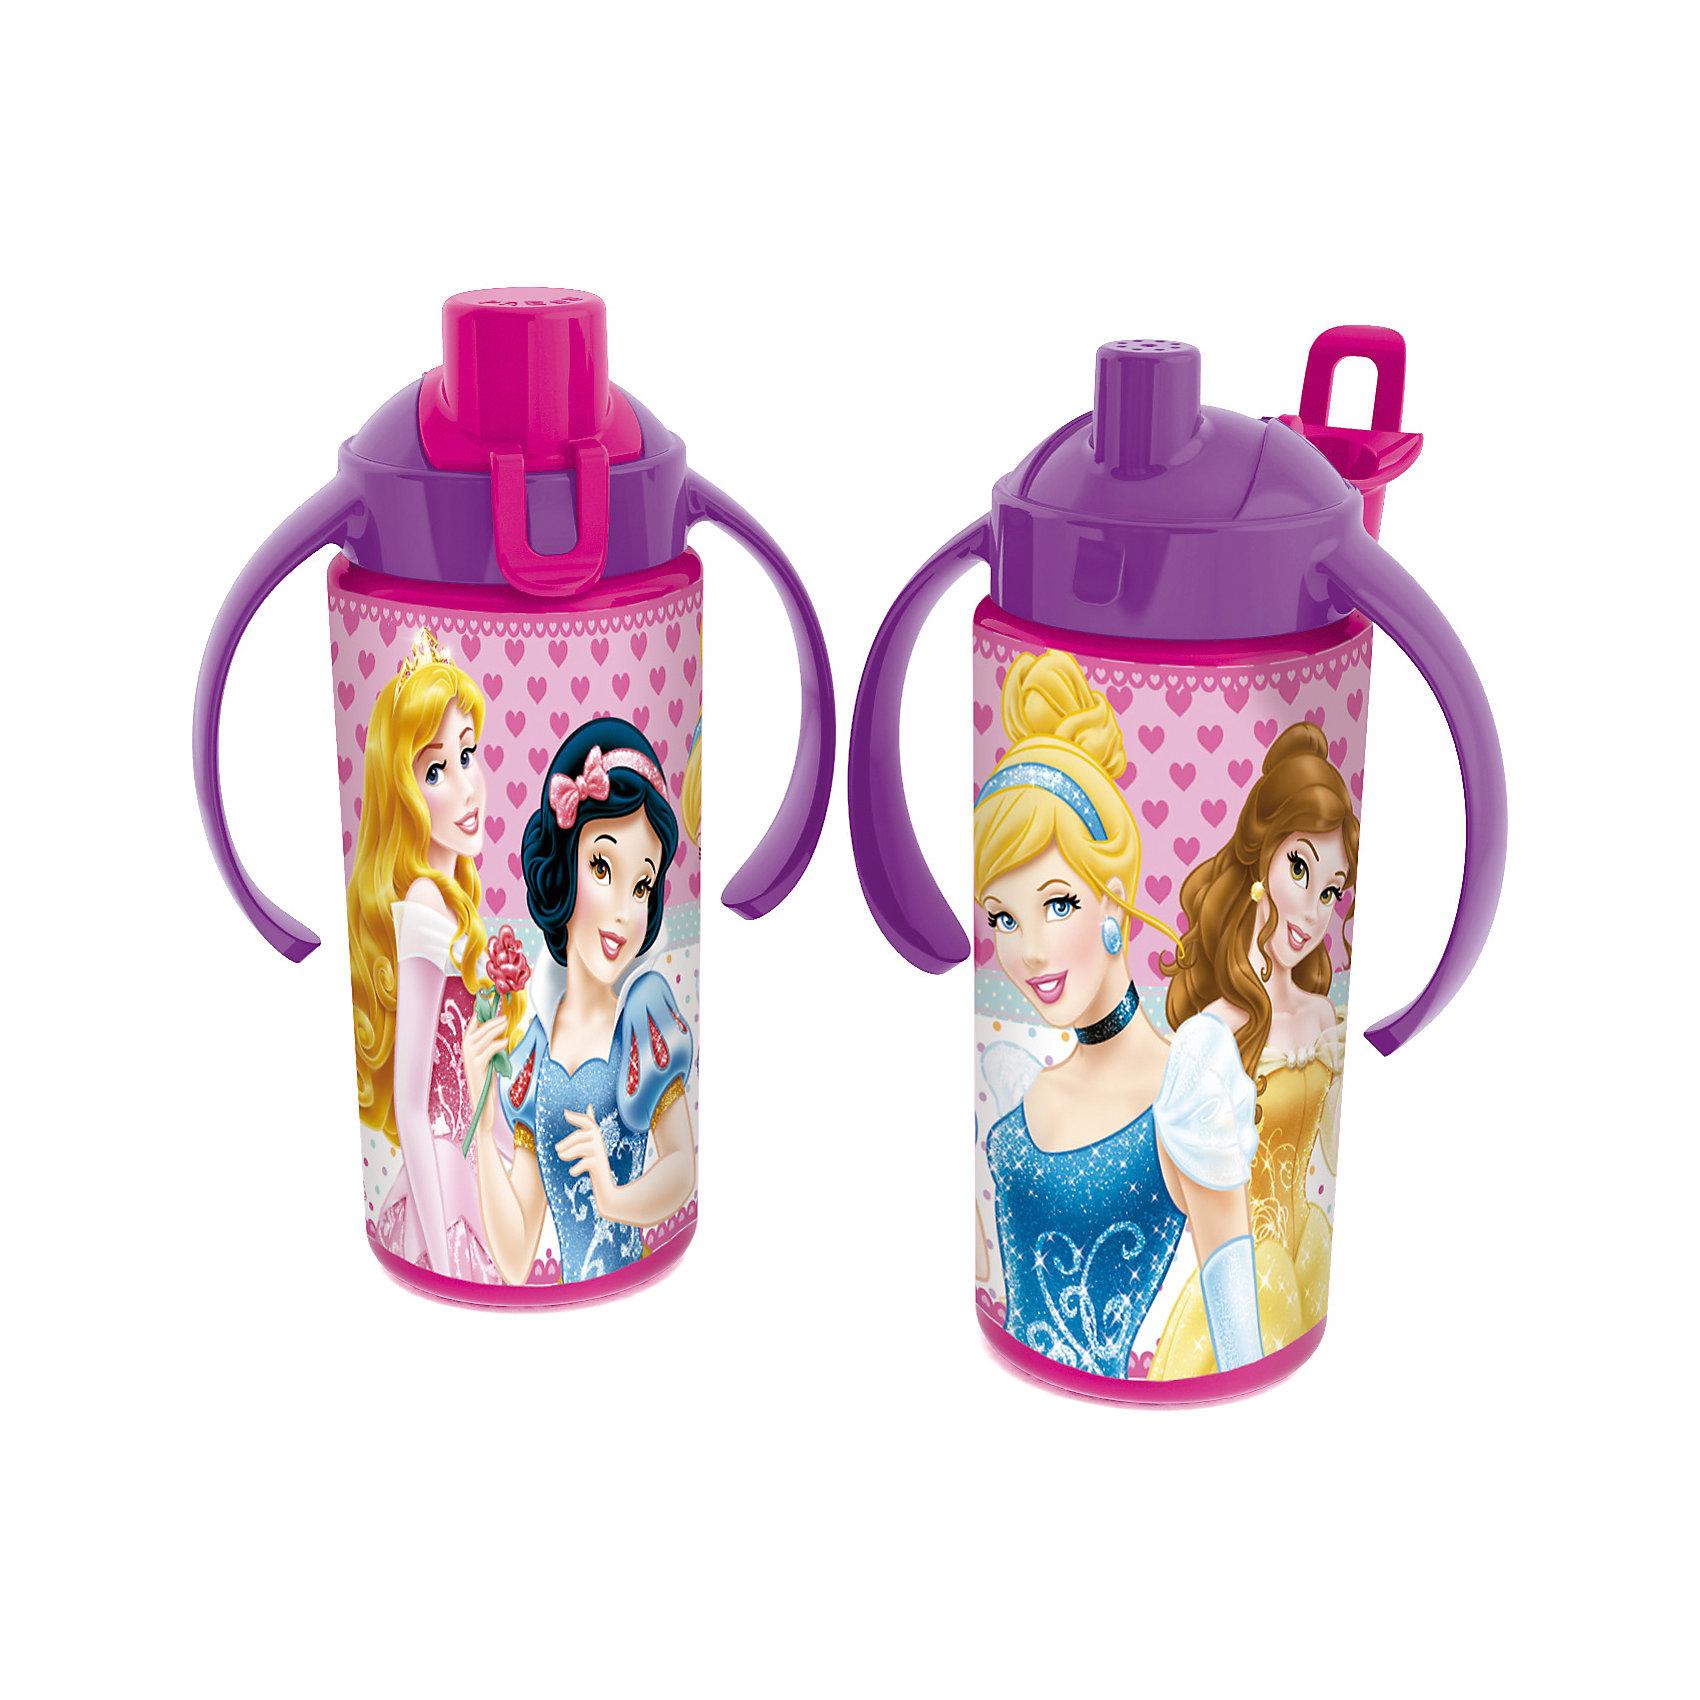 Бутылка спортивная с ручками (360 мл), ПринцессыВо время долгих и активных летних прогулок очень важно, чтобы ребенок потреблял достаточное количество жидкости. Спортивная бутылка Принцессы непременно станет любимицей на прогулке. Из яркой и удобной бутылочки с изображением любимых Принцесс Диснея (Disney Princess) любой напиток будет еще вкуснее! Благодаря удобным ручкам, держать бутылочку будет удобно даже малышам. Носик закрывается крышечкой, которая препятствует загрязнению и жидкость никогда не прольется. Бутылочка выполнена из безопасных материалов - Вы можете не беспокоиться о здоровье ребенка. Родителей особенно порадует, что бутылку очень легко поддерживать в чистоте. Берите спортивную бутылку Принцессы с собой в дорогу, на прогулку и Вы обязательно оцените ее удобство.<br><br>Дополнительная информация:<br><br>- Удобные ручки;<br>- Носик с крышечкой;<br>- Особенно понравится поклонникам мультфильмов про Принцесс Диснея (Disney Princess);<br>- Материал: высококачественный пластик;<br>- Объем: 360 мл;<br>- Размер: 18 х 7 х 7 см<br><br>Бутылку спортивную с ручками (360 мл) Принцессы, можно купить в нашем интернет-магазине.<br><br>Ширина мм: 110<br>Глубина мм: 65<br>Высота мм: 165<br>Вес г: 75<br>Возраст от месяцев: 36<br>Возраст до месяцев: 108<br>Пол: Женский<br>Возраст: Детский<br>SKU: 4088630